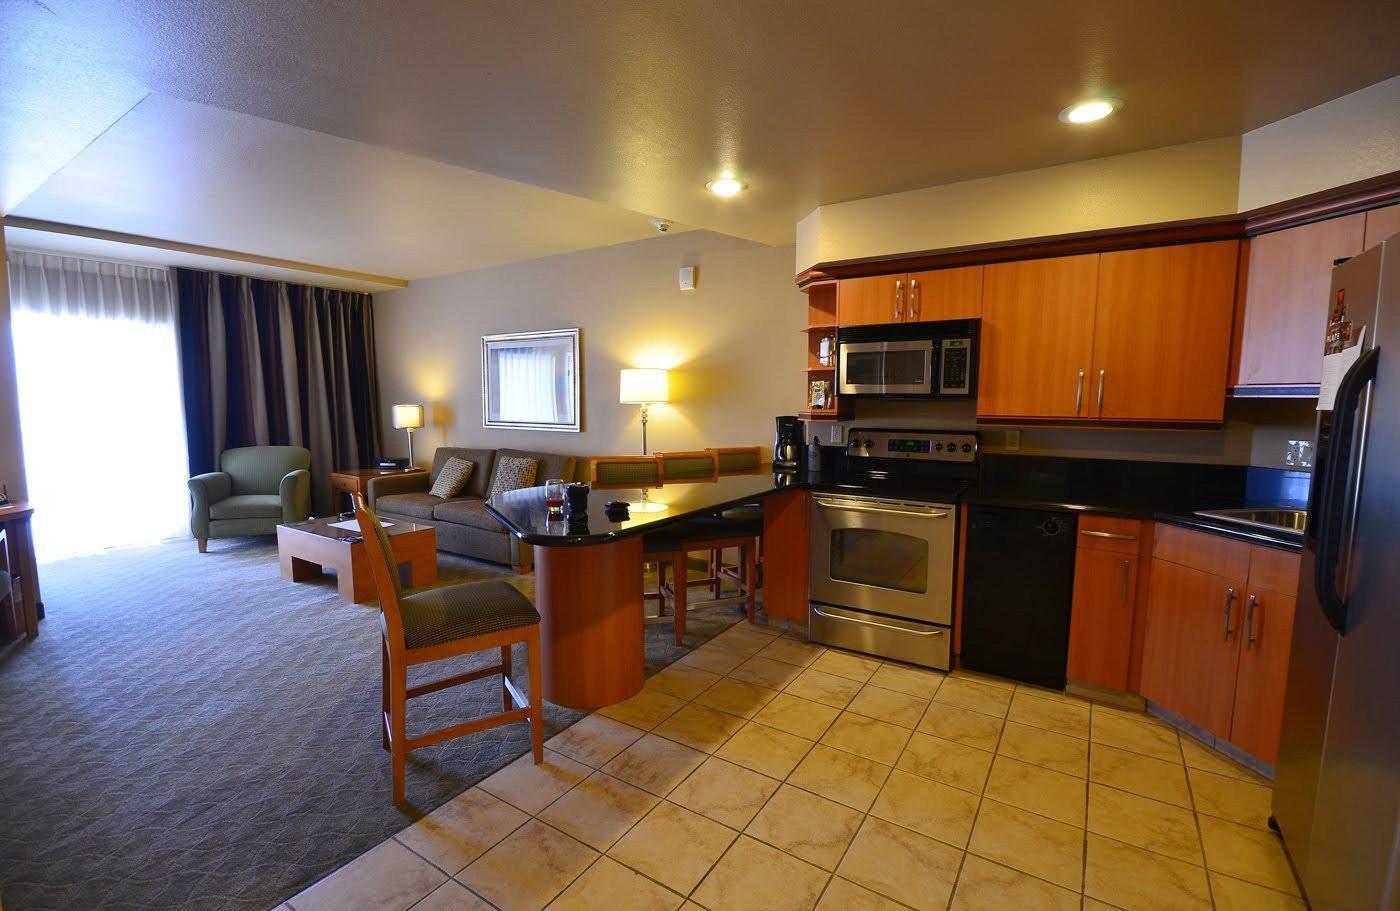 Las Vegas Suite Deals - Platinum | Things to do in Las Vegas